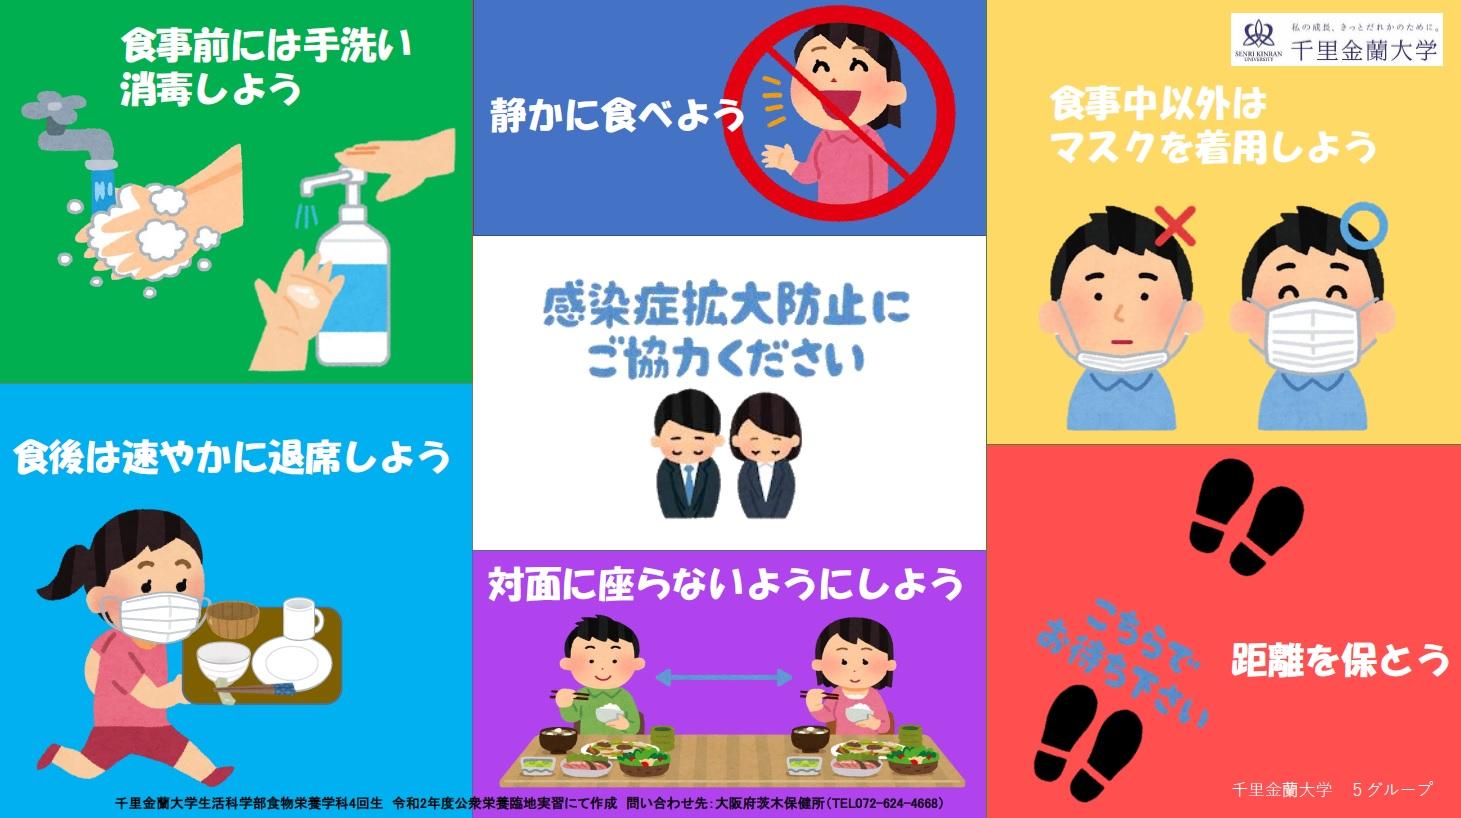 「新しい生活様式」に関するポスター